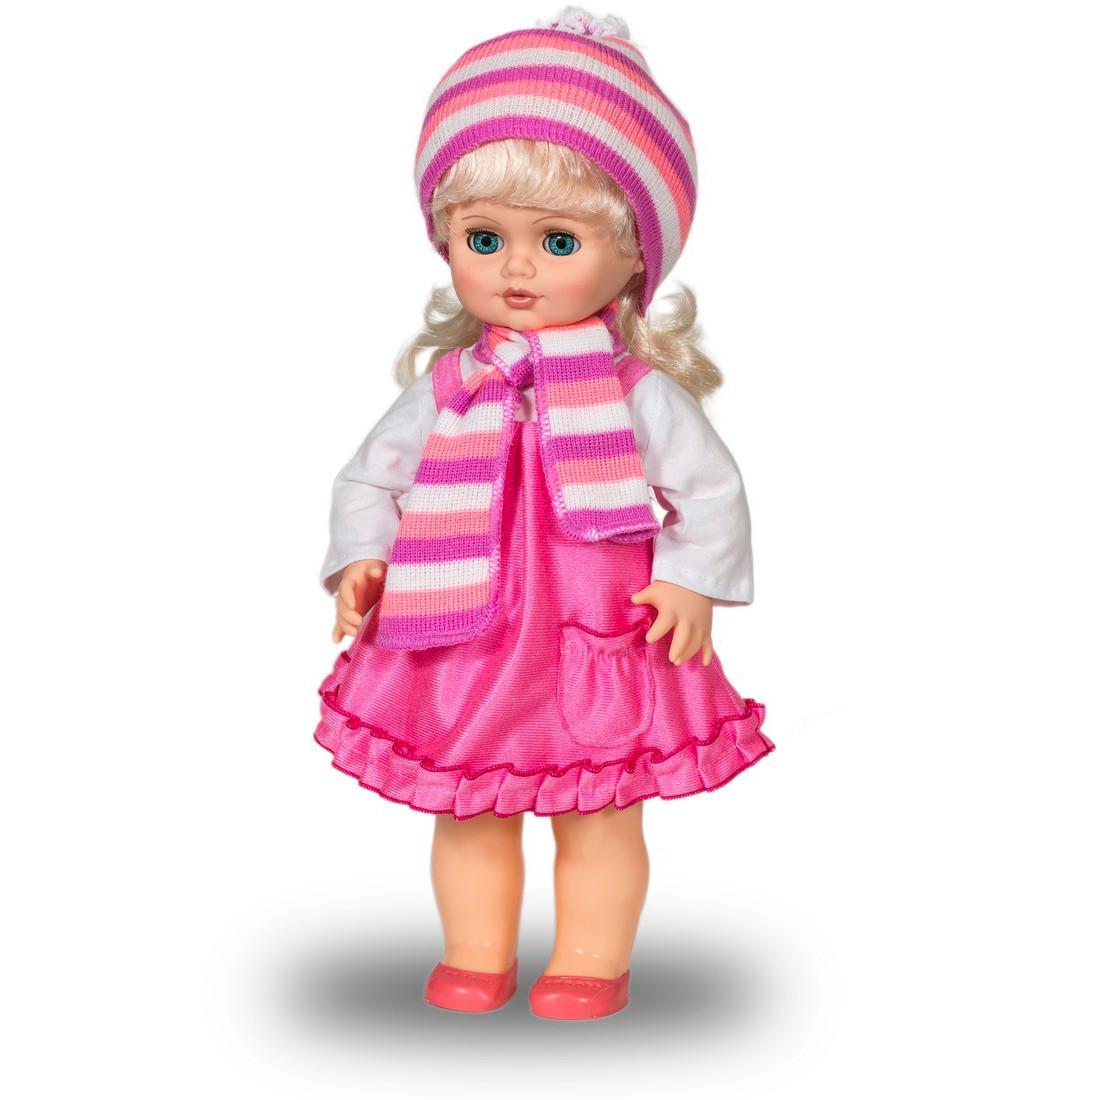 кукла для девочки 1 год выборе запаха парфюма